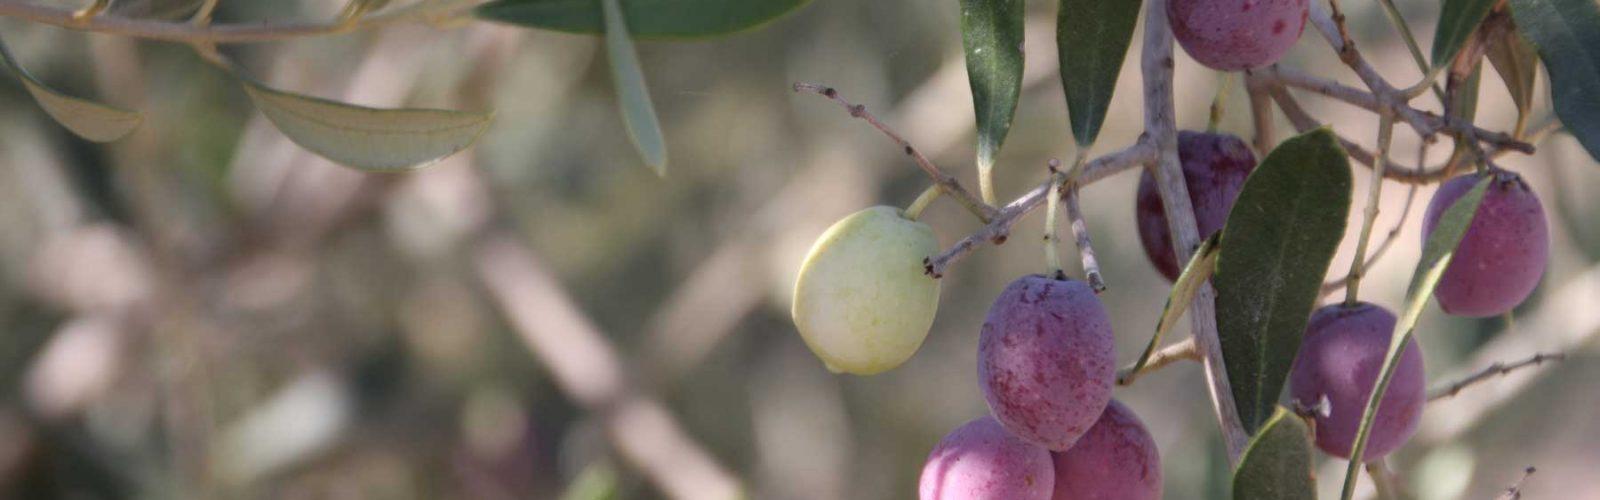 Costa Blanca olives